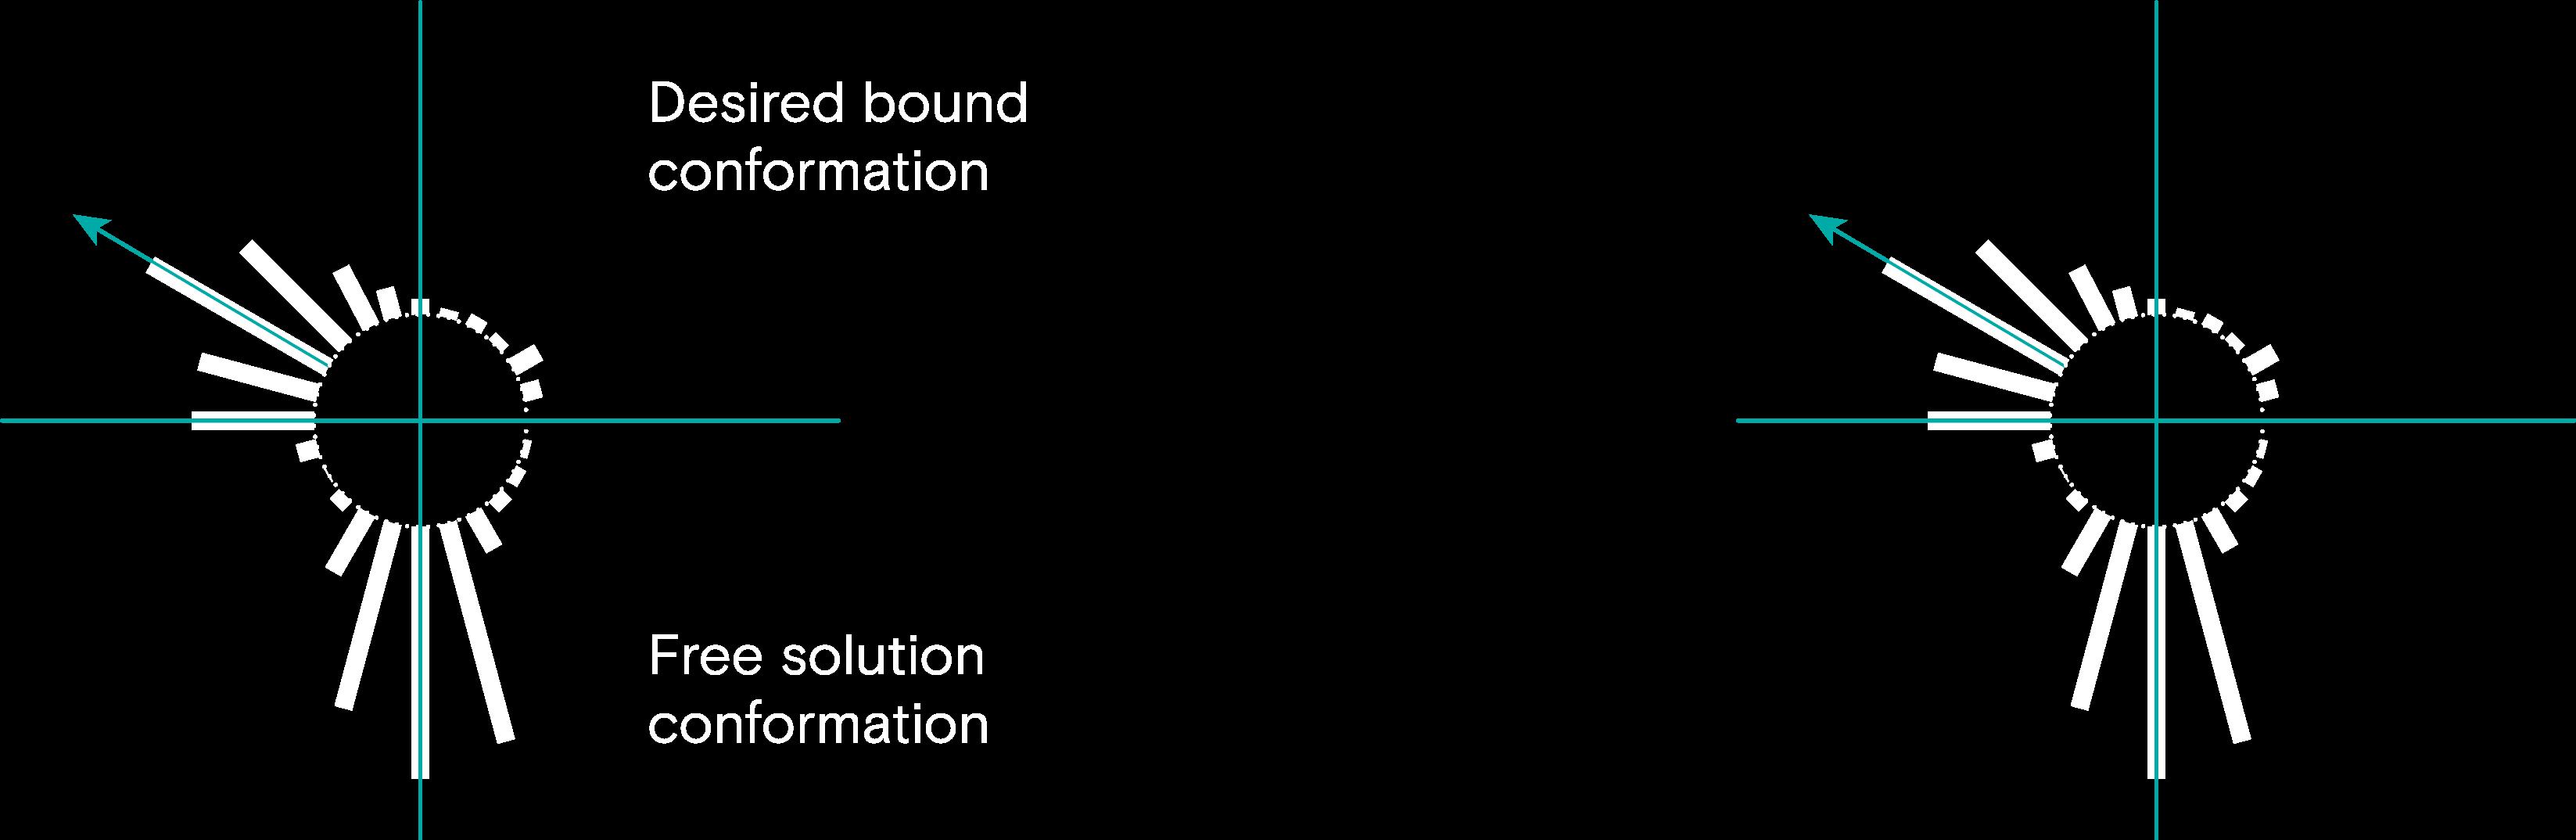 conformational 1